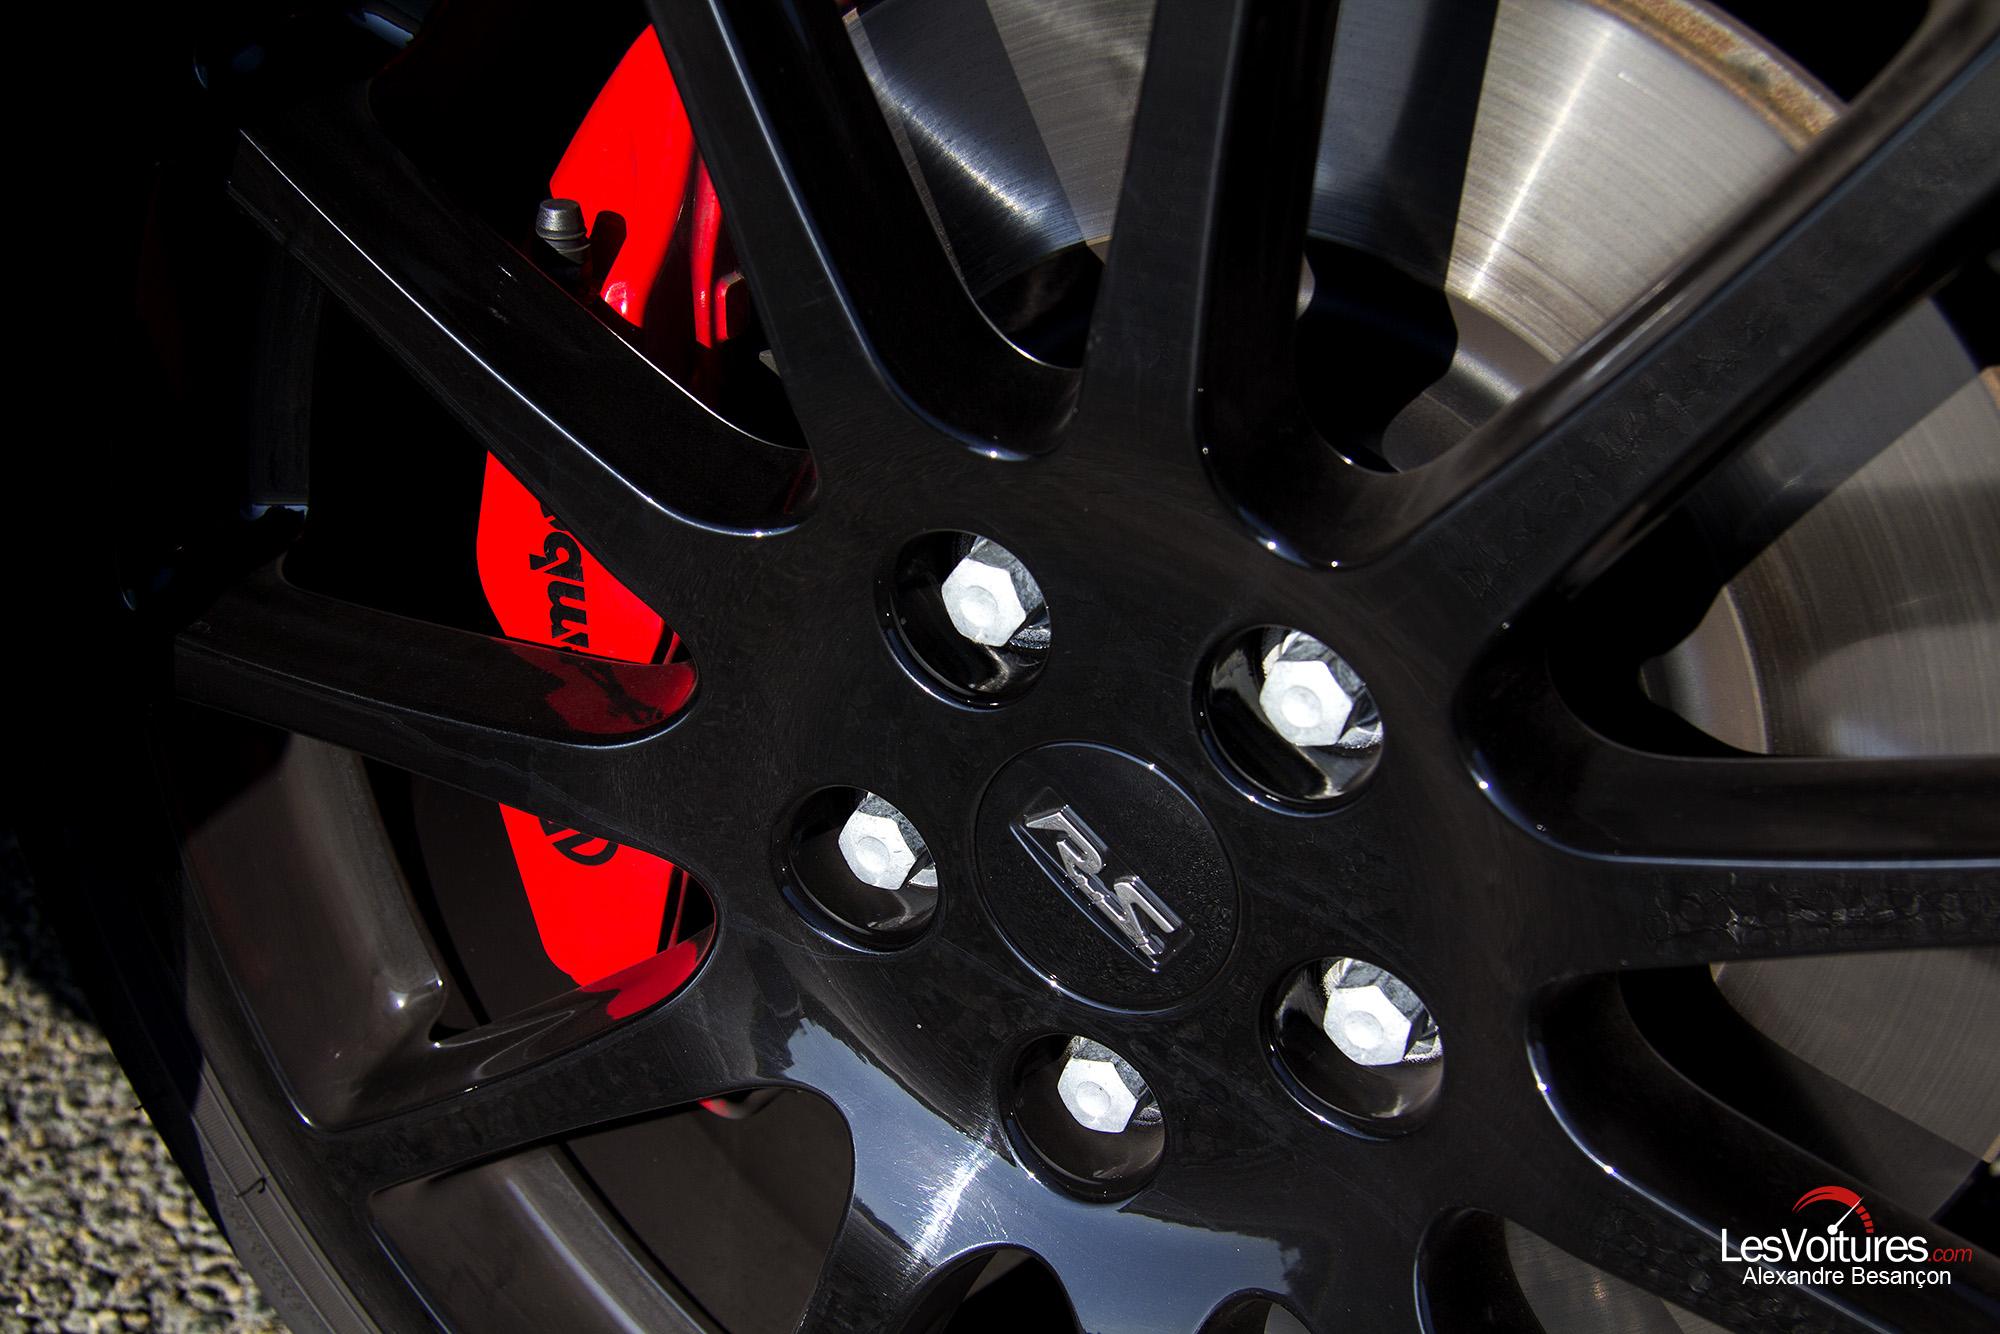 essai renault megane rs 275 trophy 11 les voitures. Black Bedroom Furniture Sets. Home Design Ideas